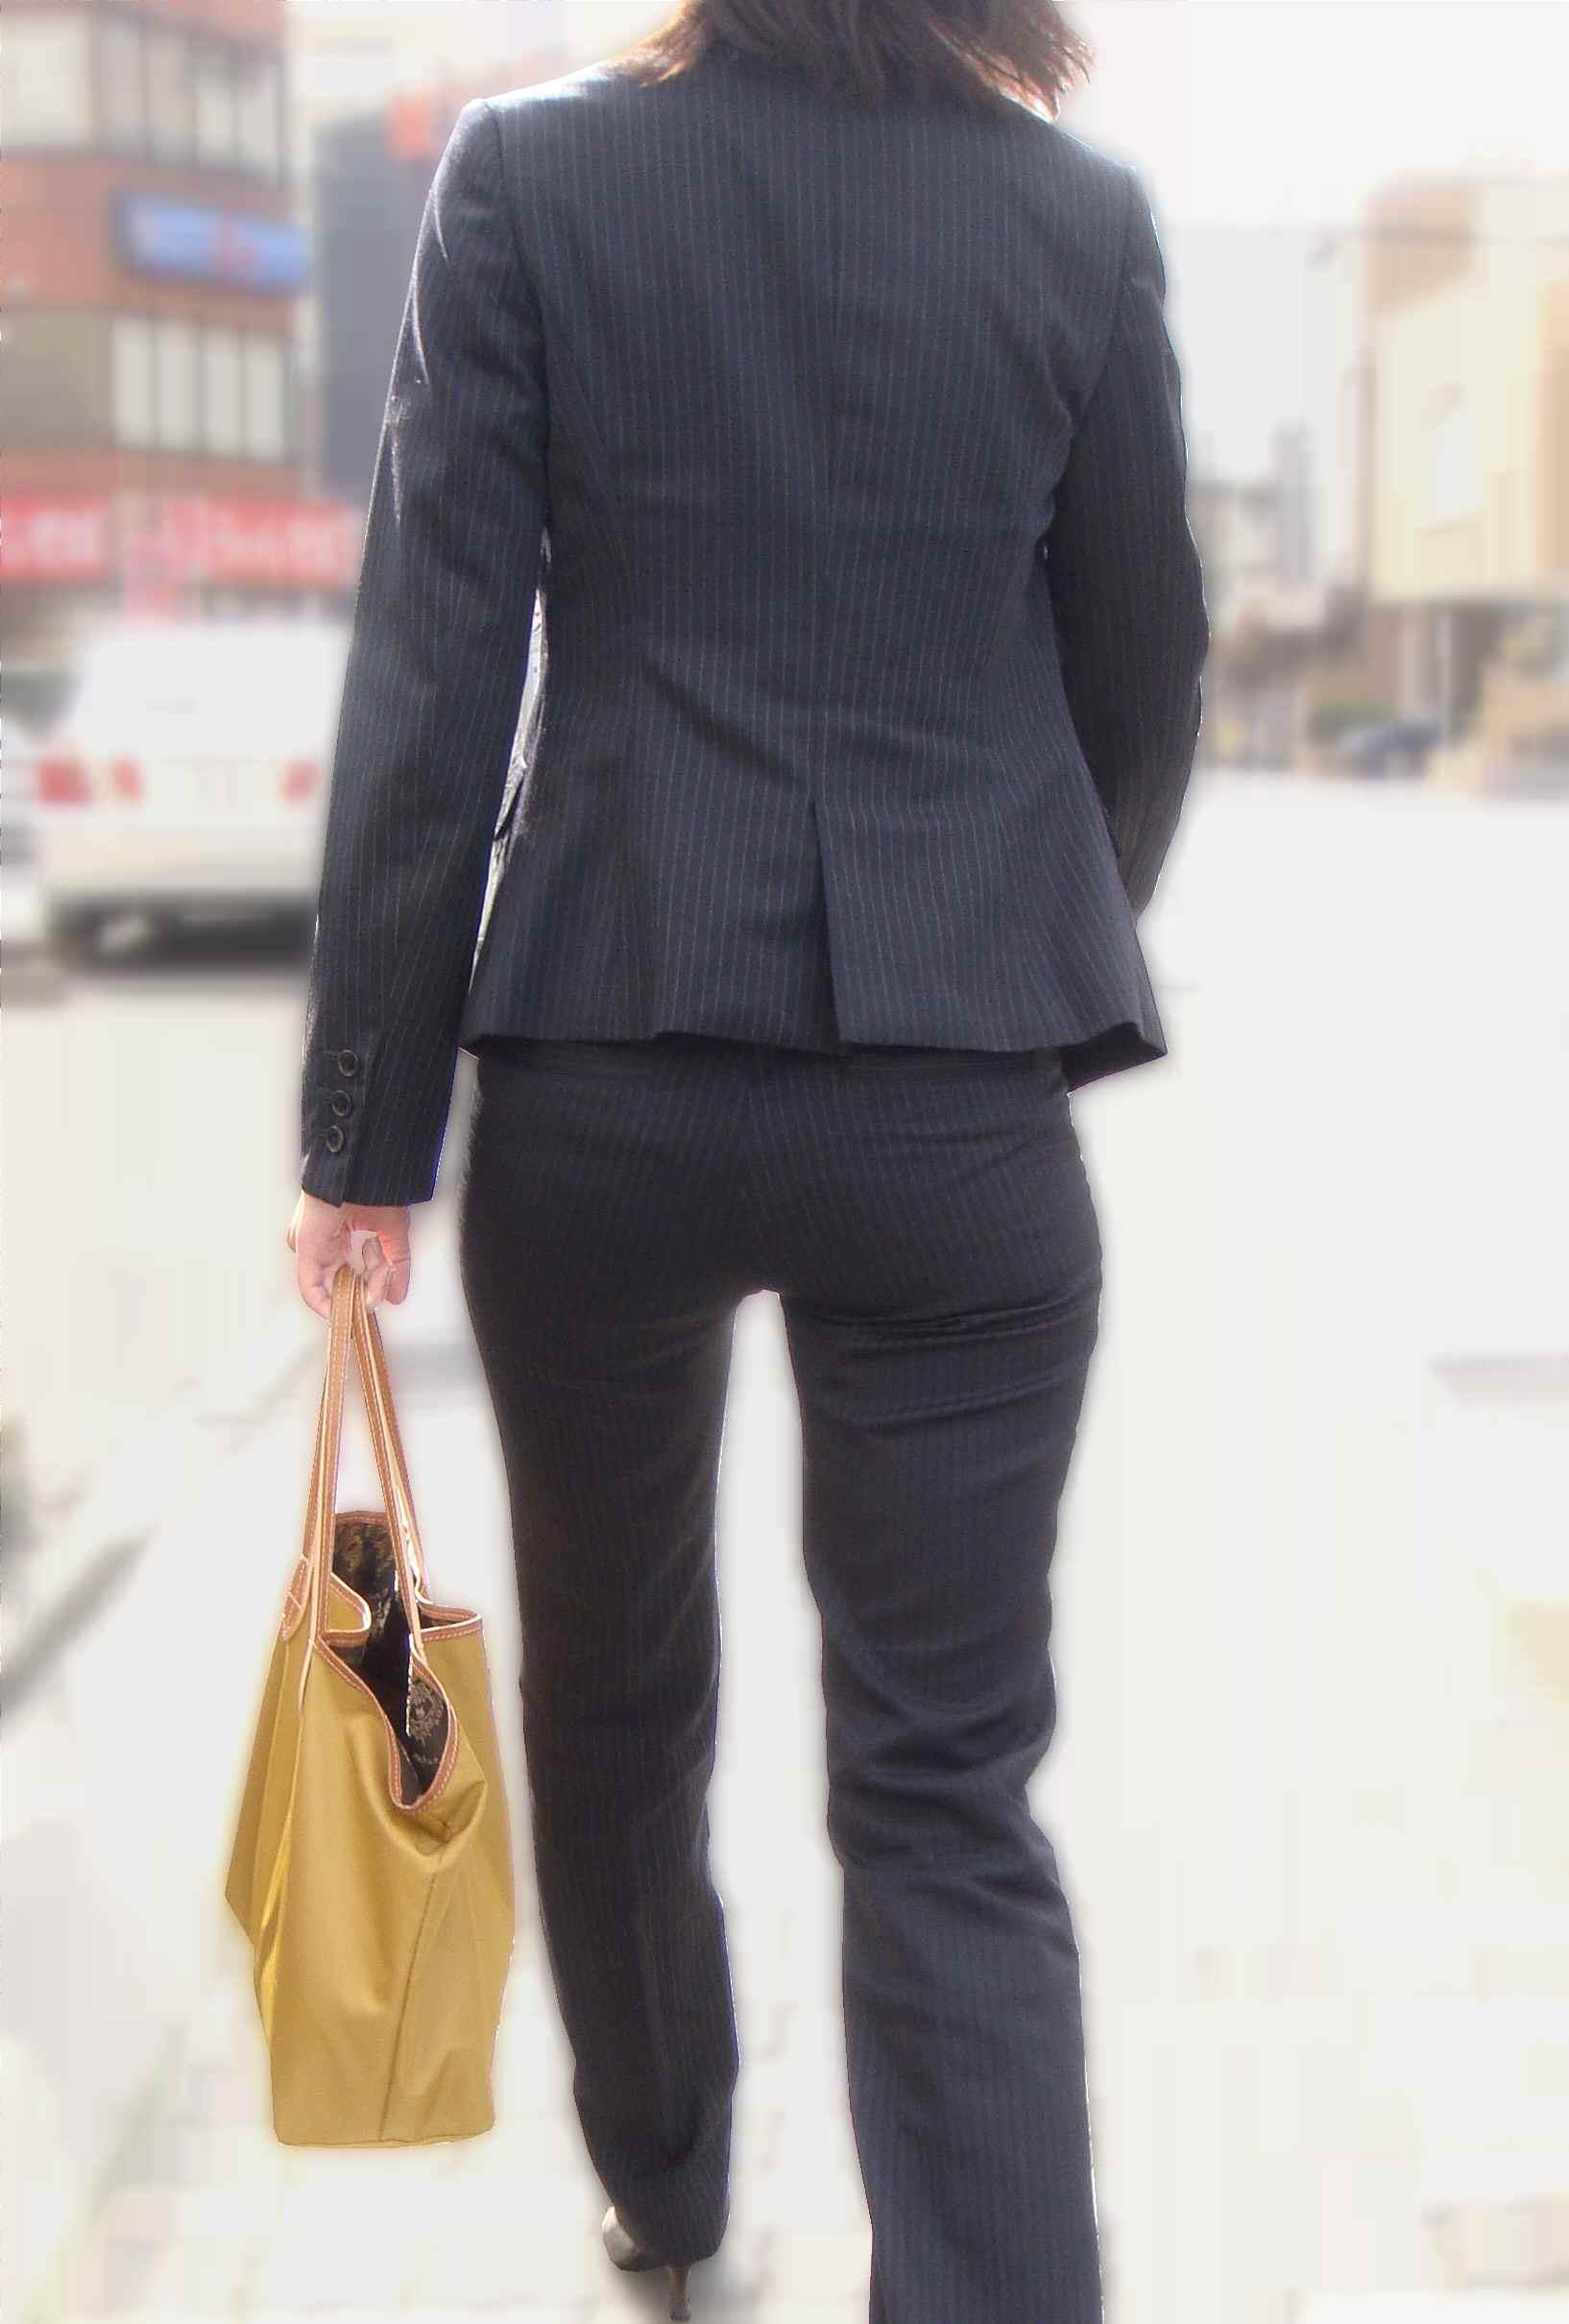 生ケツを見てみたい引き締まった小さめお尻の街撮り素人エロ画像12